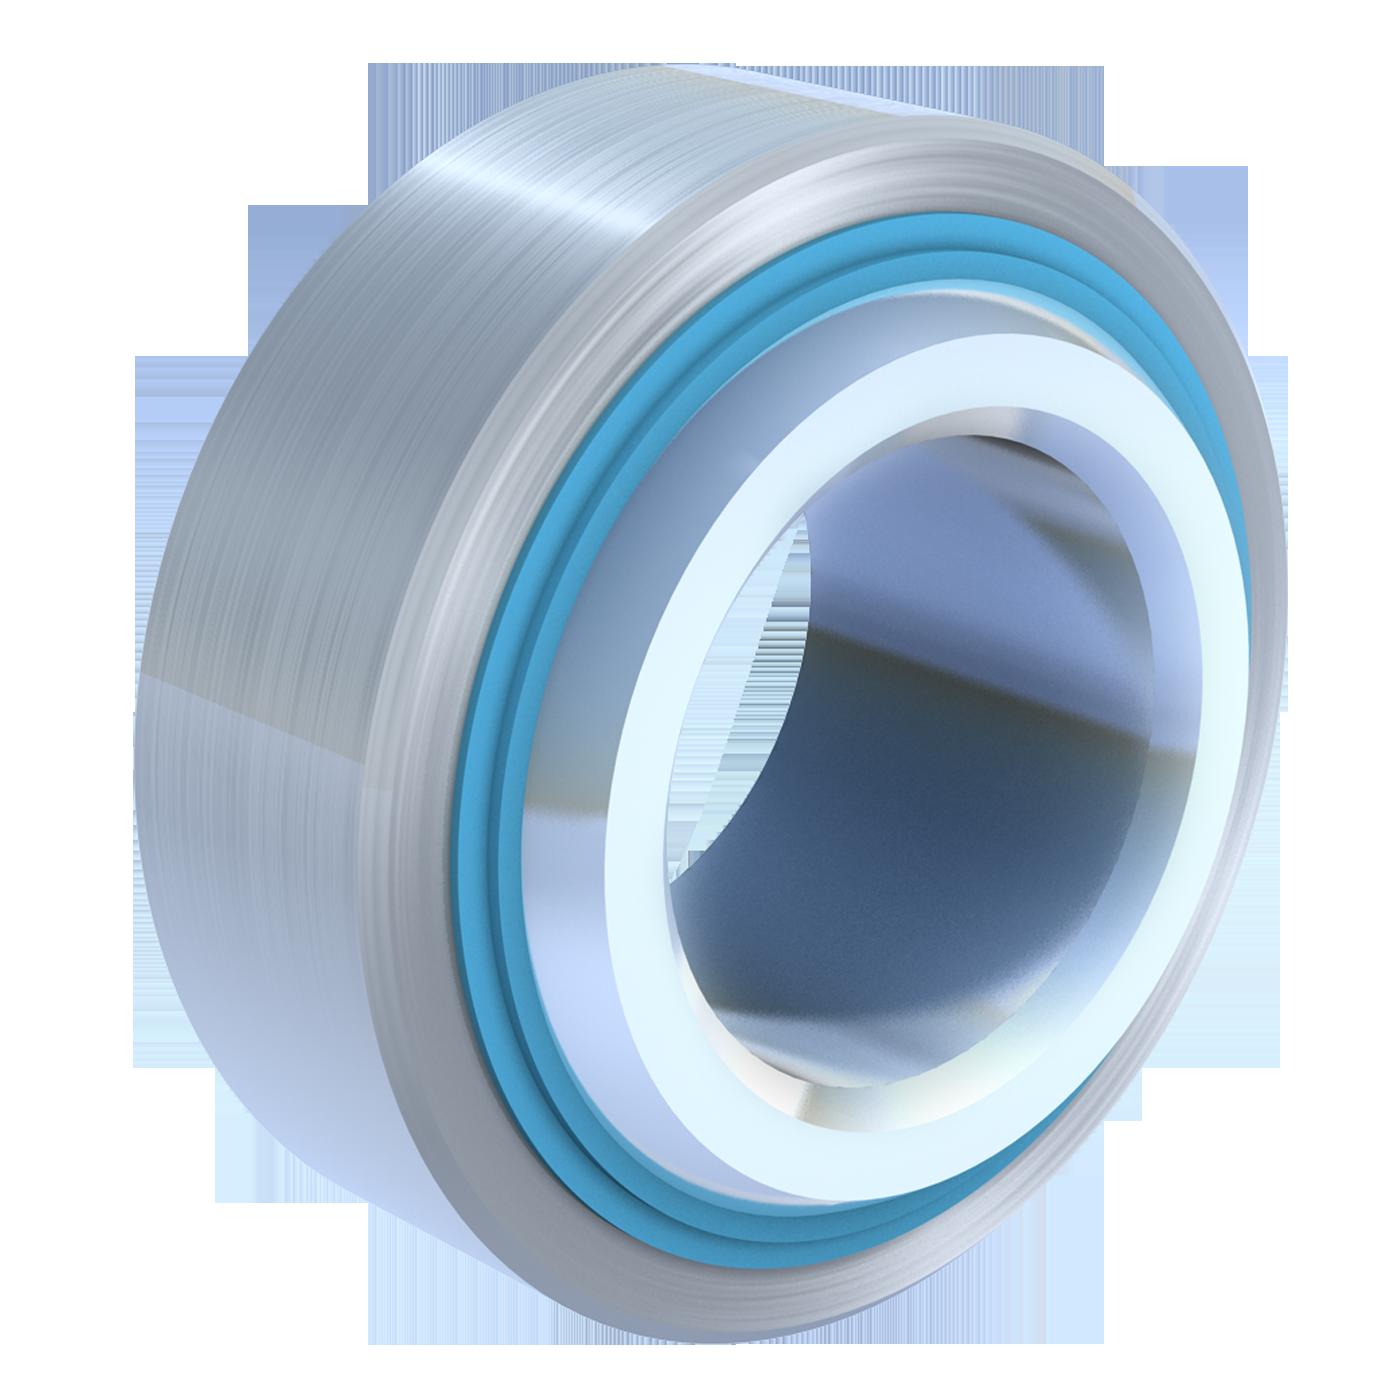 Wartungsfreie Gelenklager der schmalen Maßreihe E, sind ebenfalls nach DIN ISO 12240-1 (DIN 648). Diese Gelenklager gibt es von mbo Oßwald mit beidseitiger Abdichtung in Stahl verzinkt.